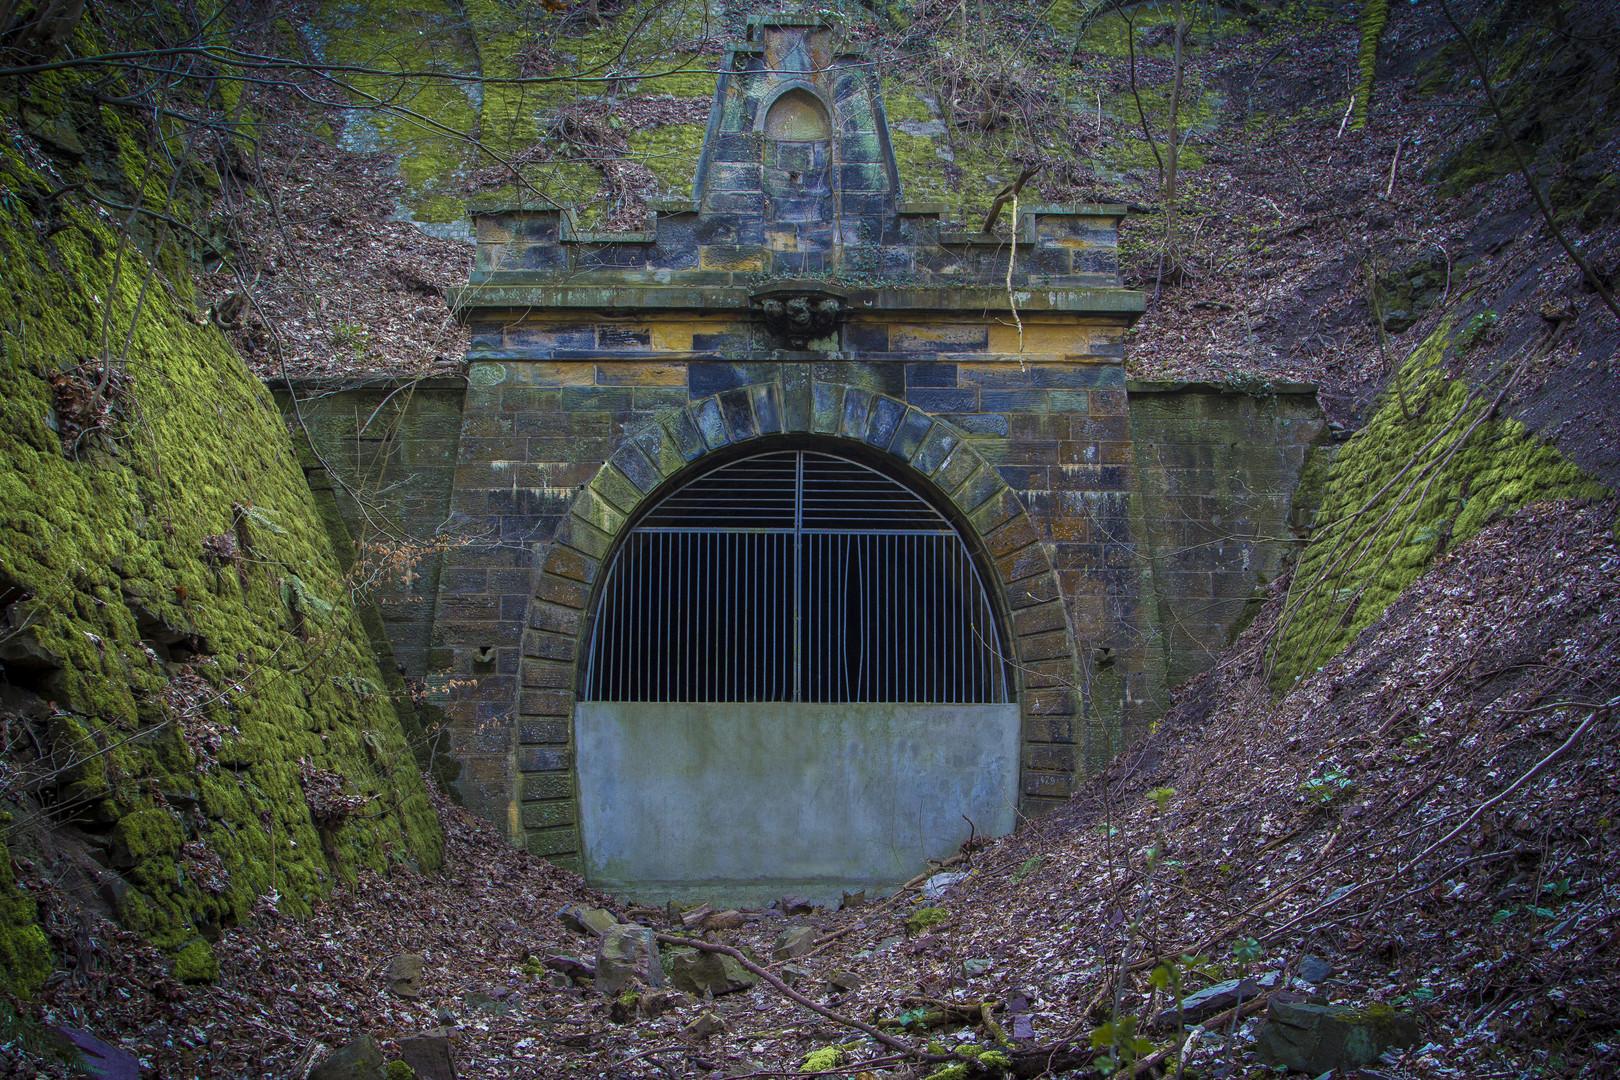 der alte Klüttunnel in Hameln